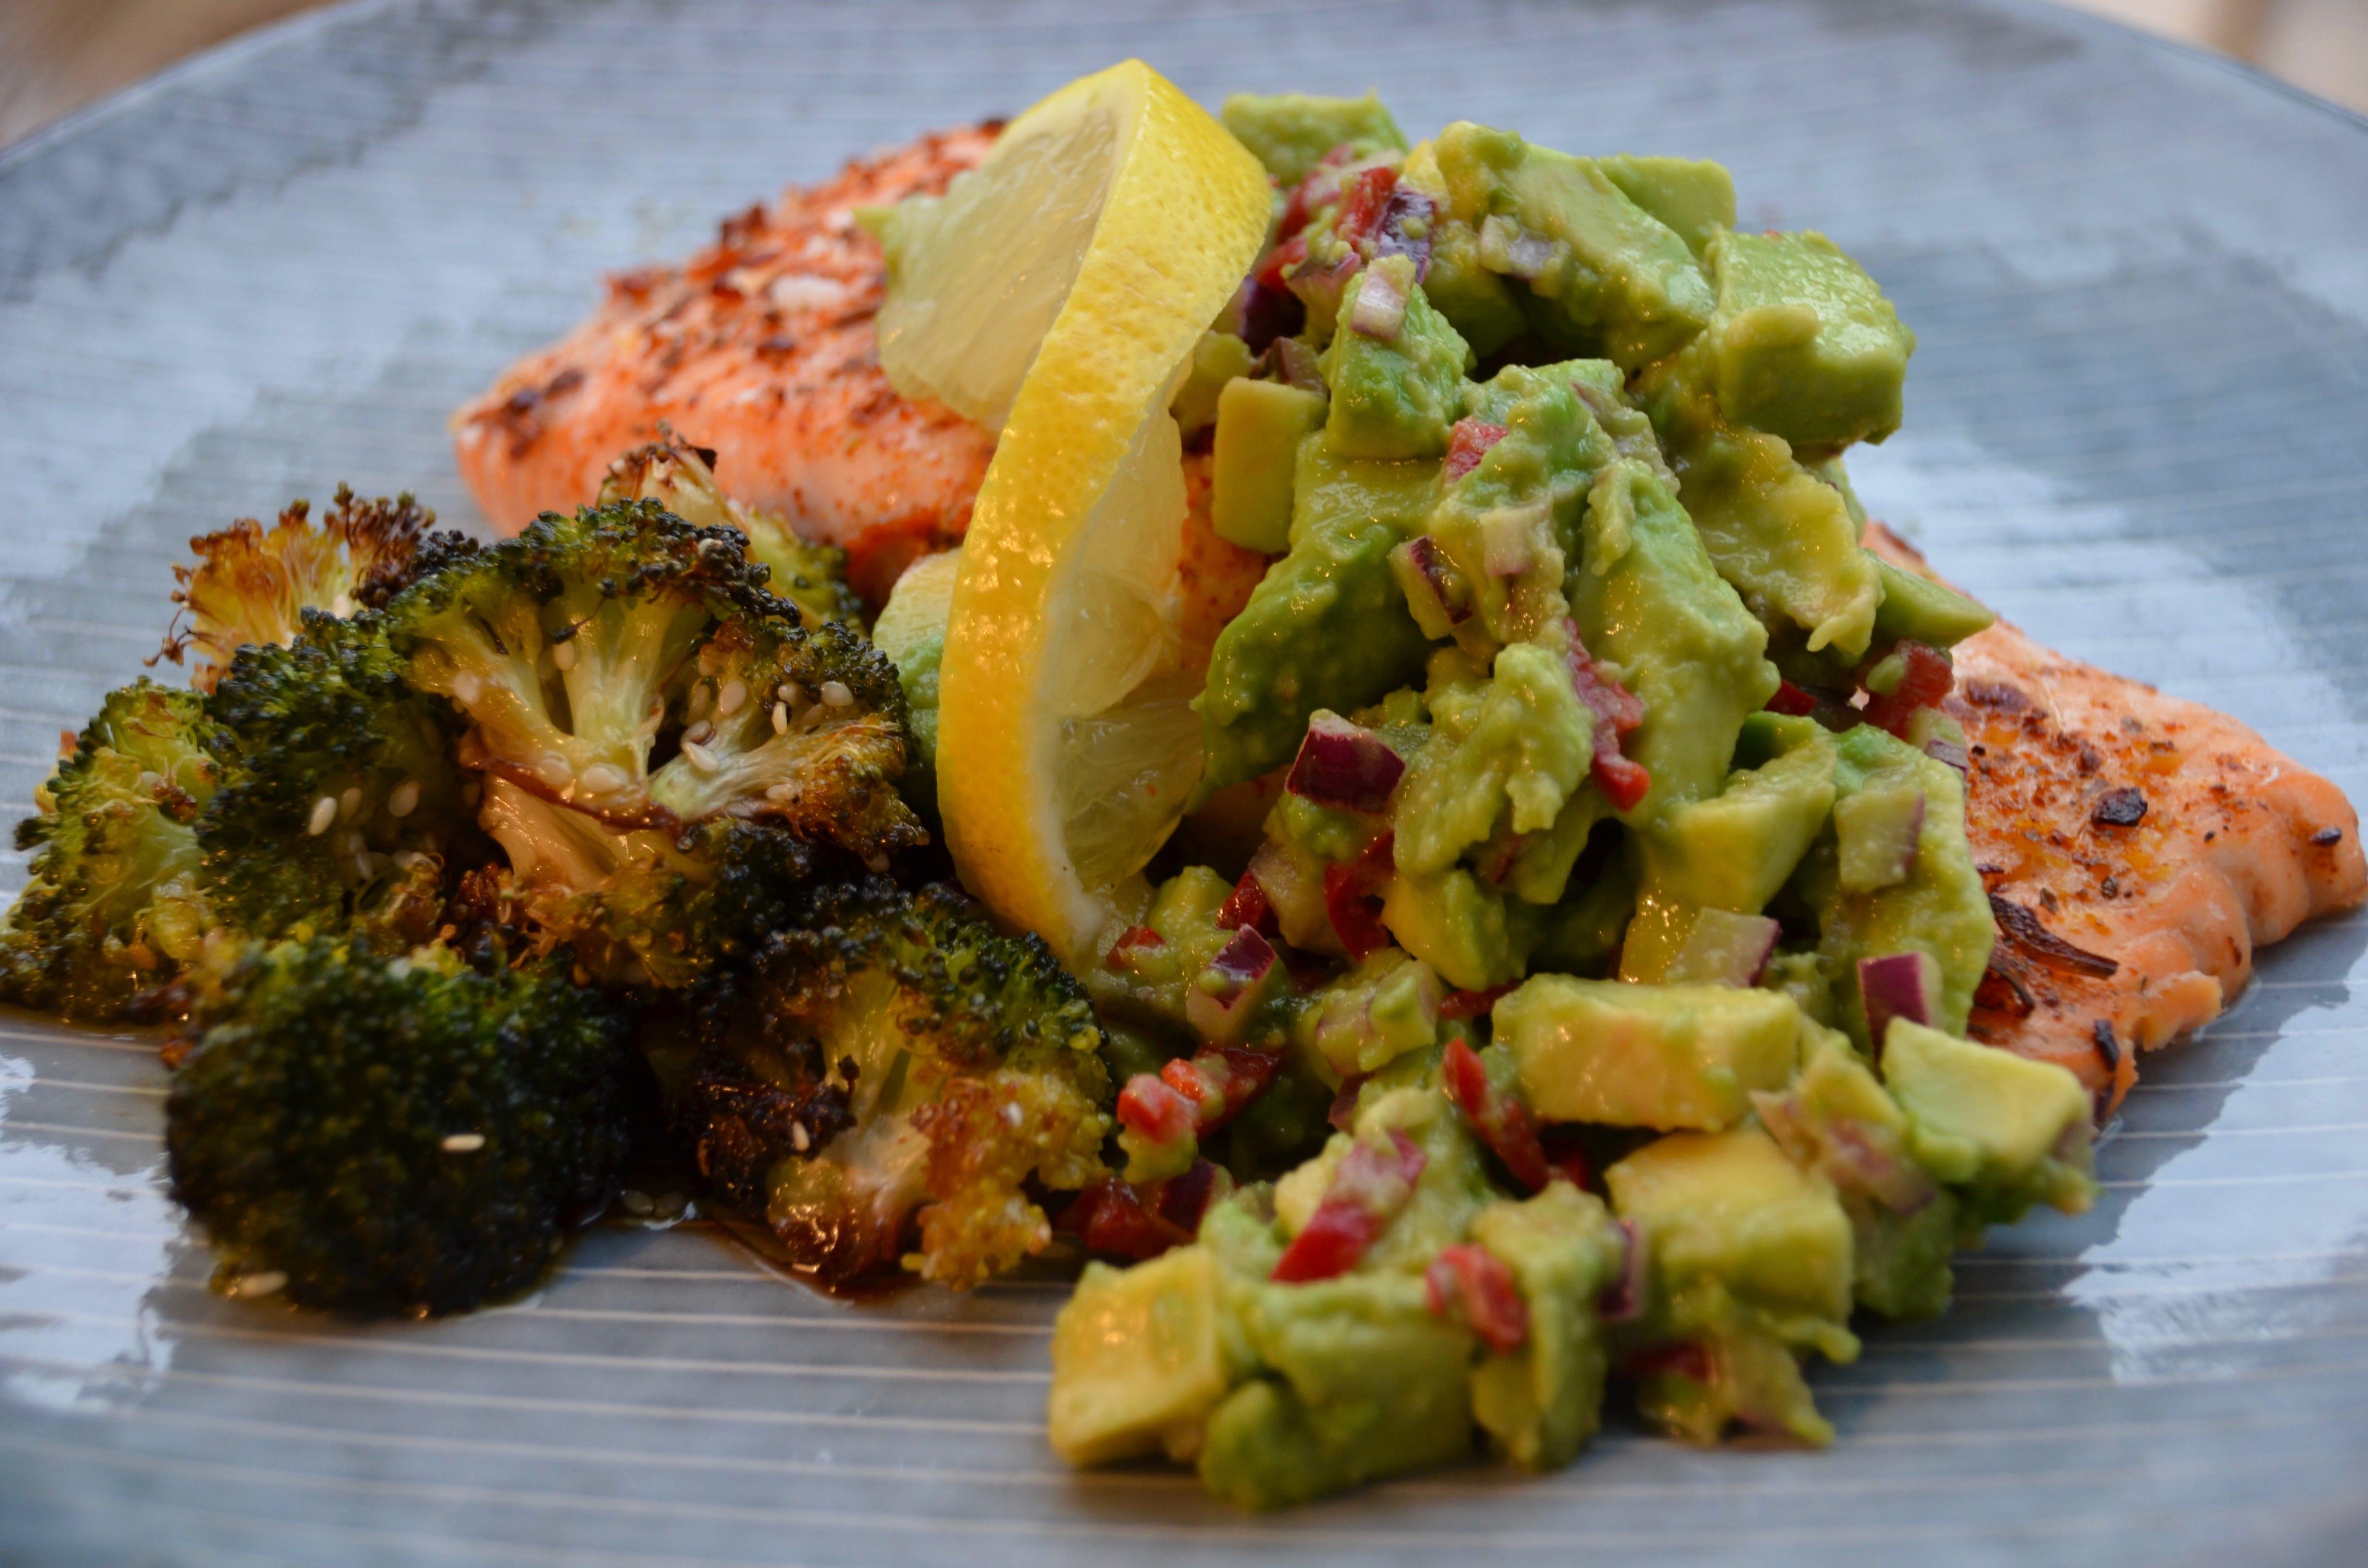 Ofnbakaður lax með avocado-salsa og brokkolí